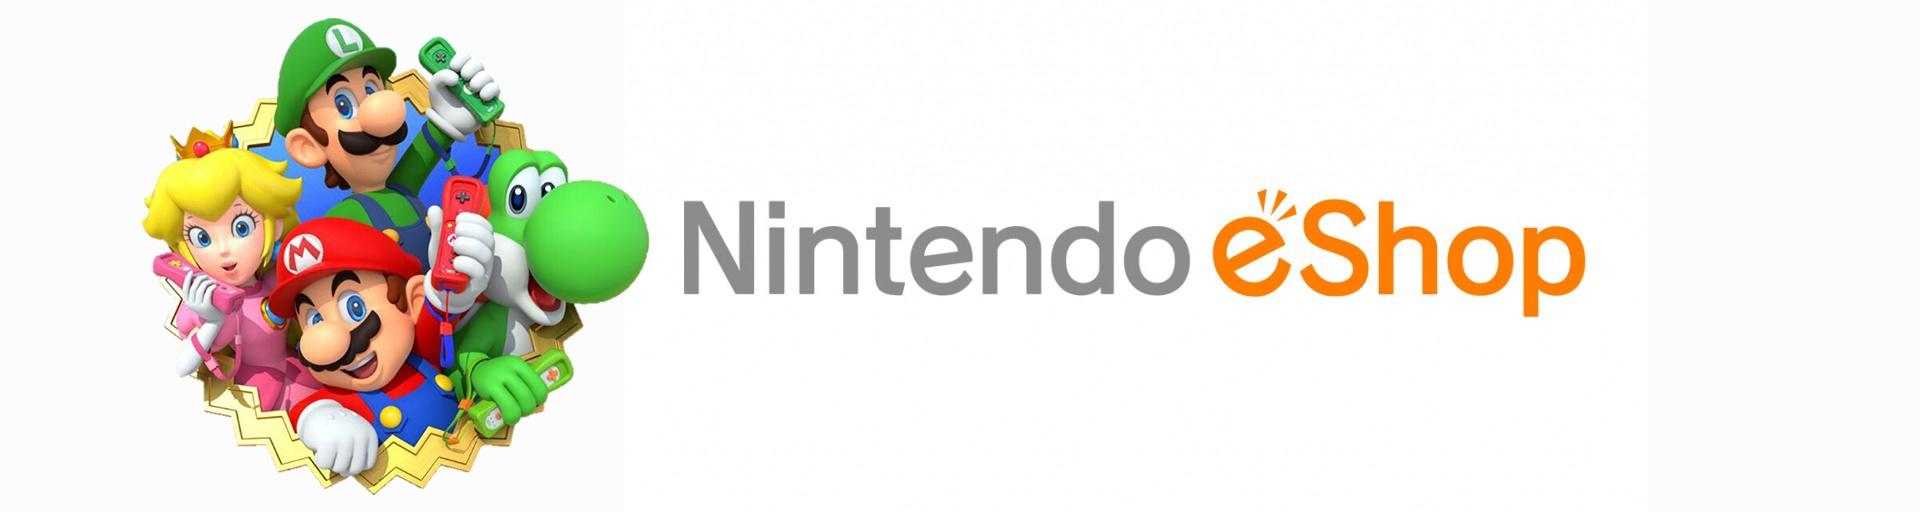 Nintendo eShop Guthaben online aufladen